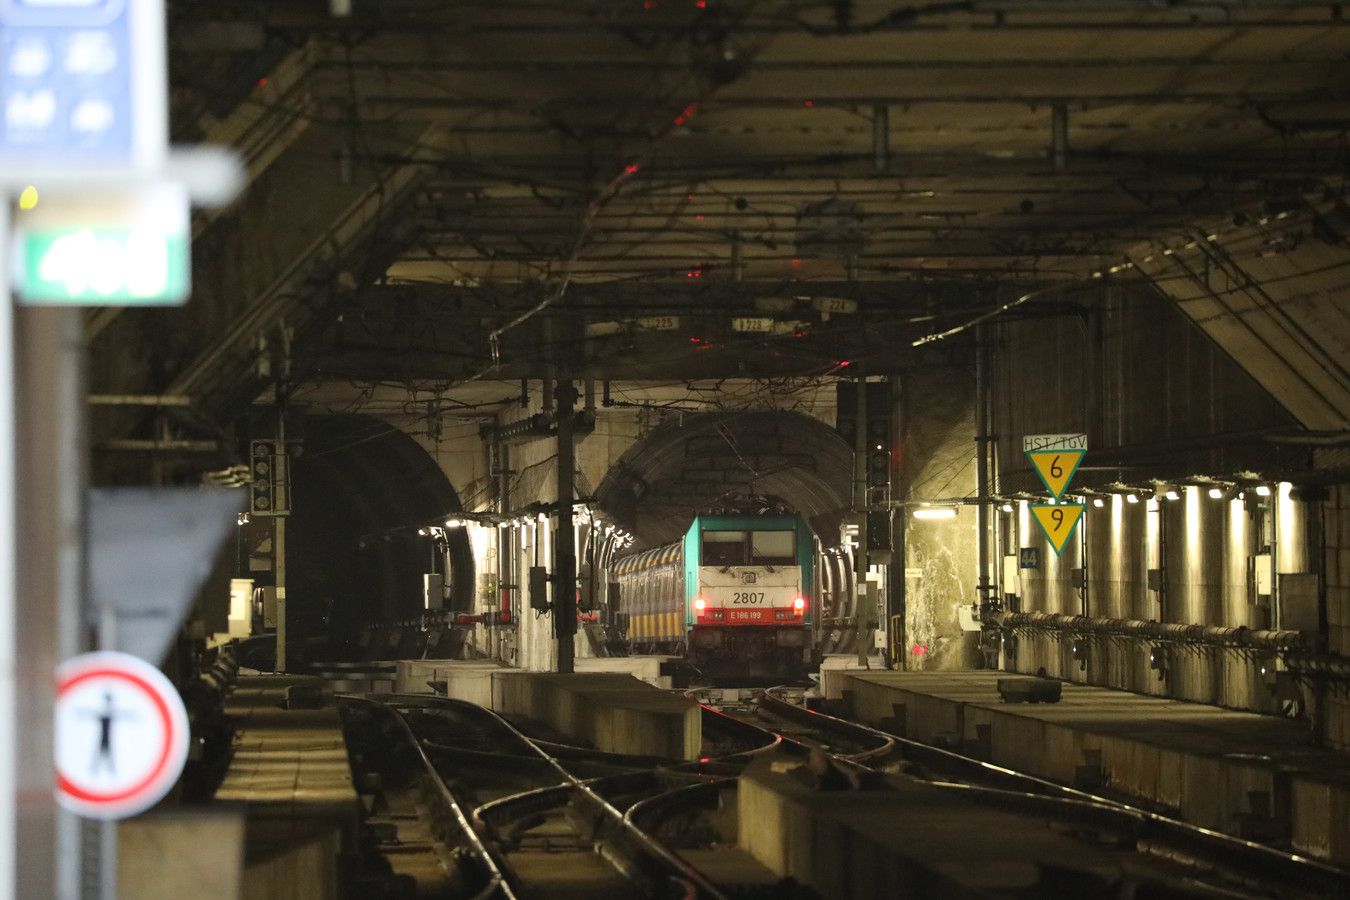 De trein strandde zo'n 200 meter van het perron in het Centraal Station.